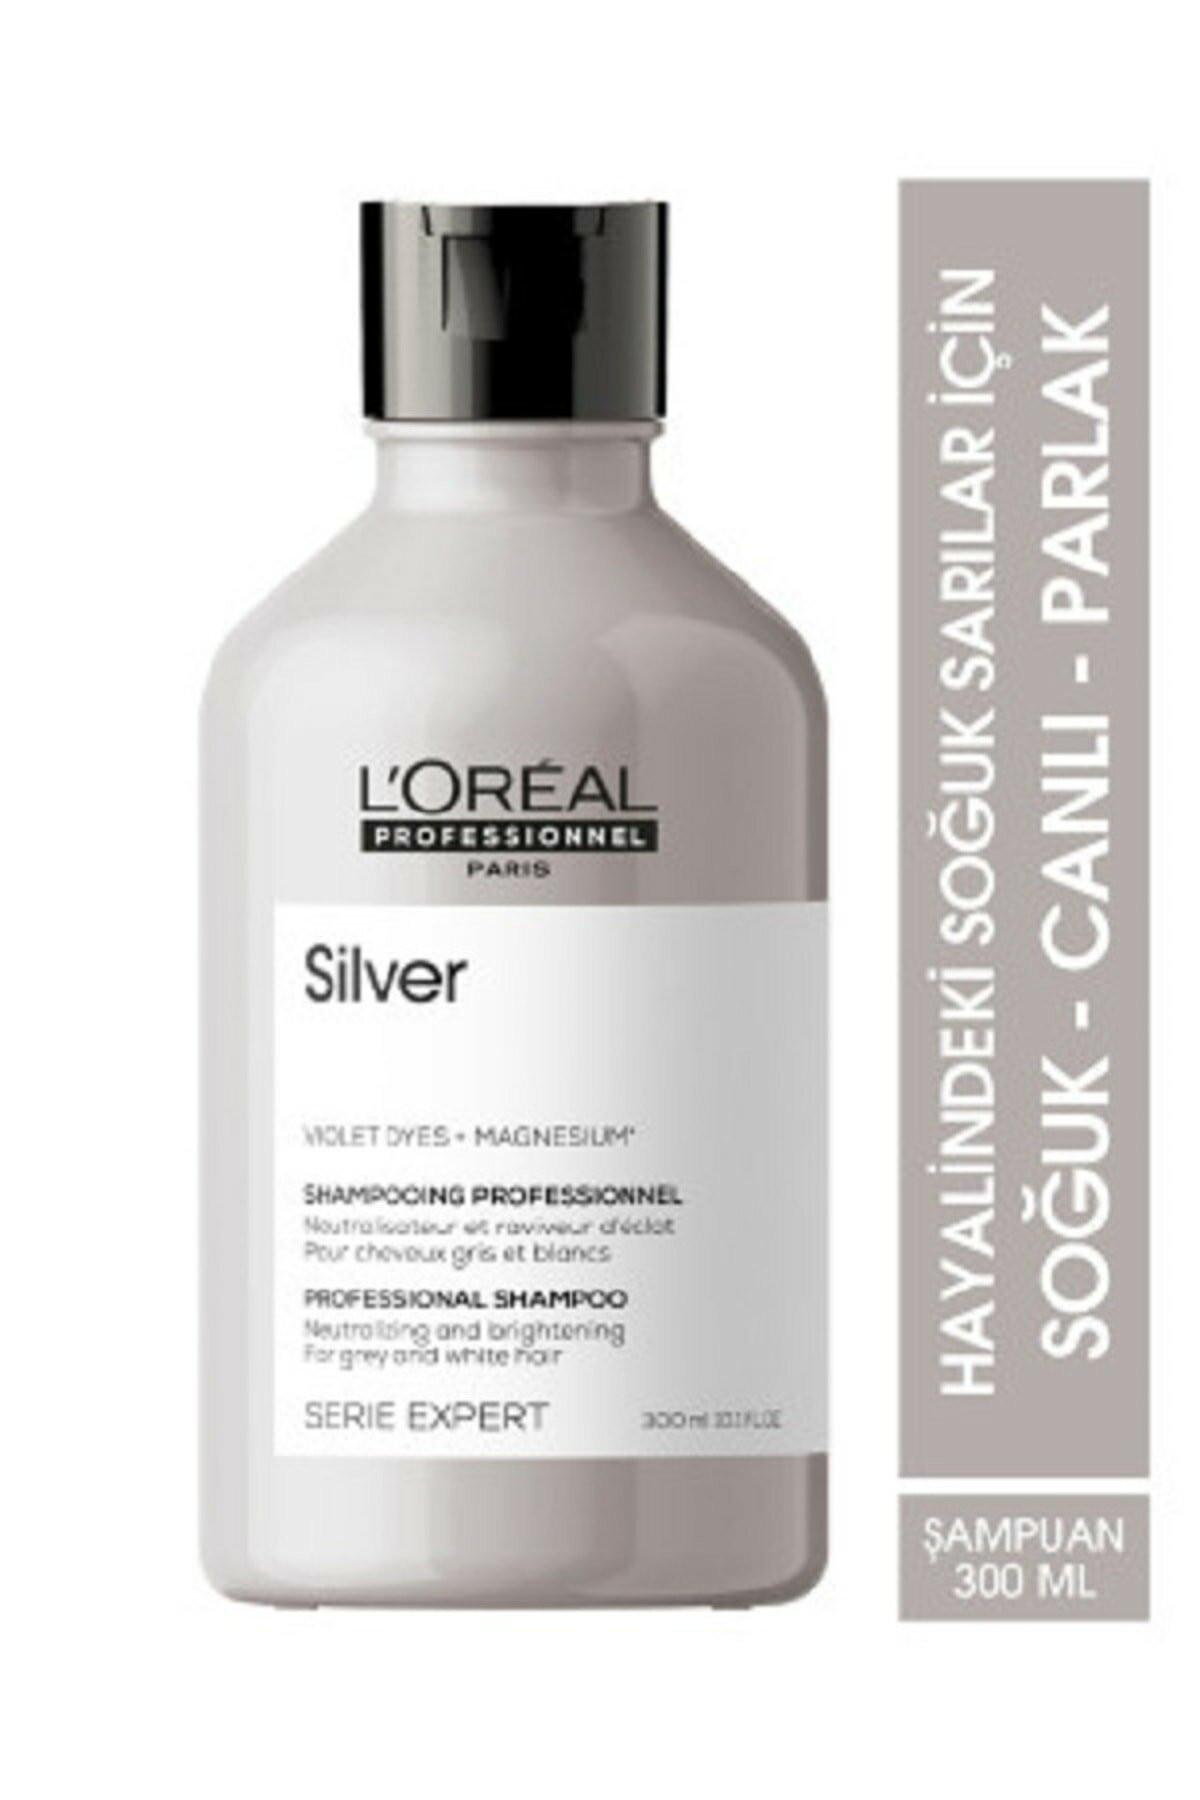 L'oreal Professionnel Serie Expert Silver Çok Açık Sarı, Gri Ve Beyaz Saçlar Için Renk Dengeleyici Mor Şampuanı 300 ml